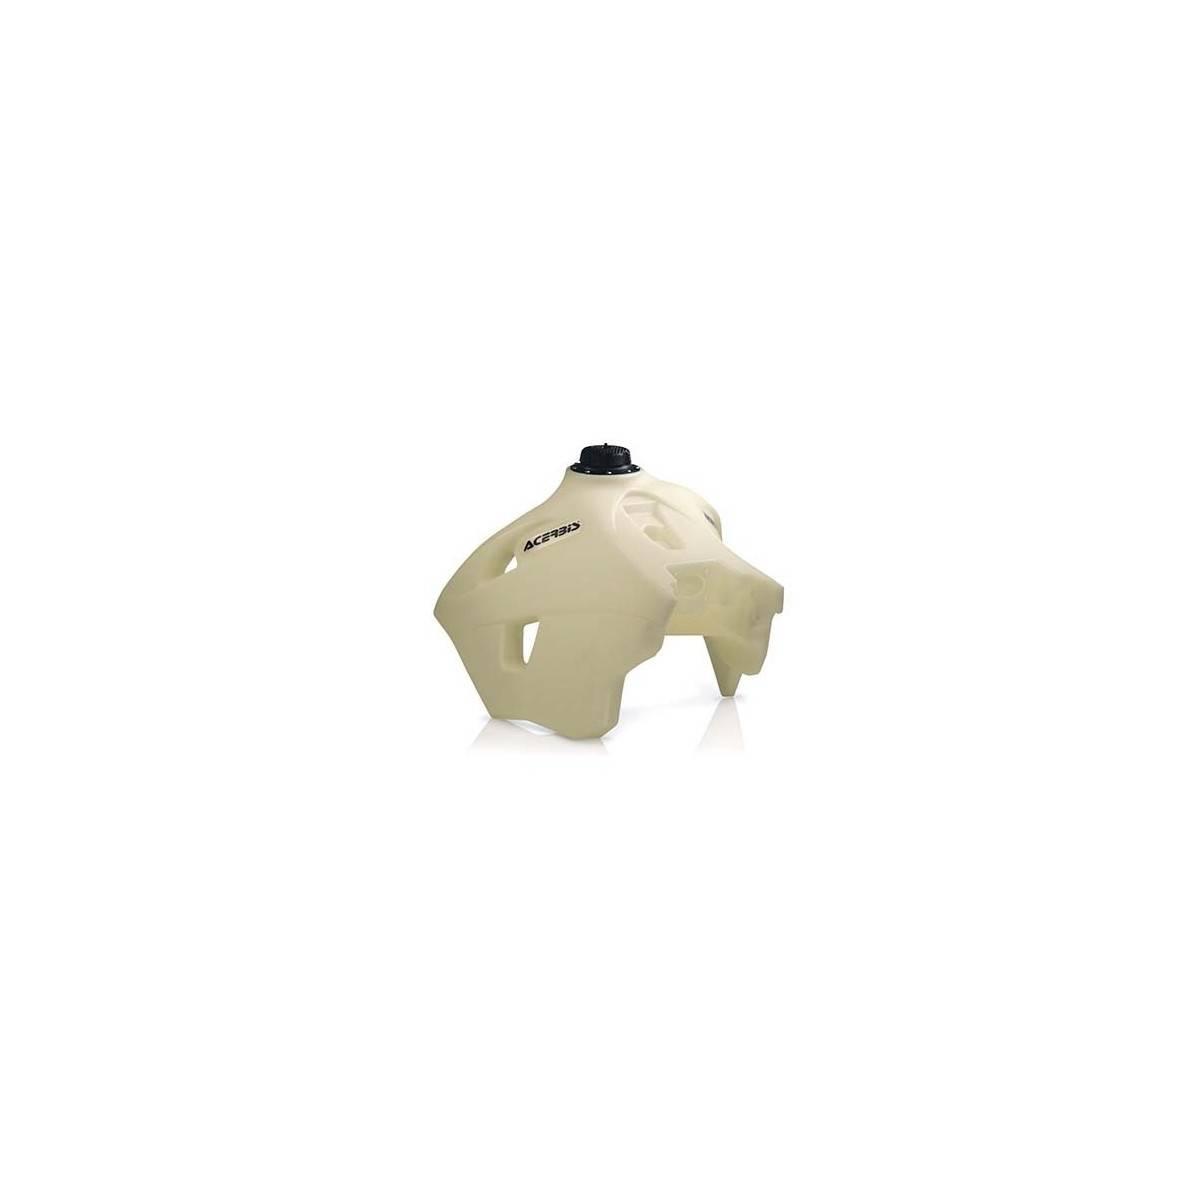 0015911-120 - Deposito Acerbis Yamaha Yz Wr 125 250 05 18 12 Litros Transparente